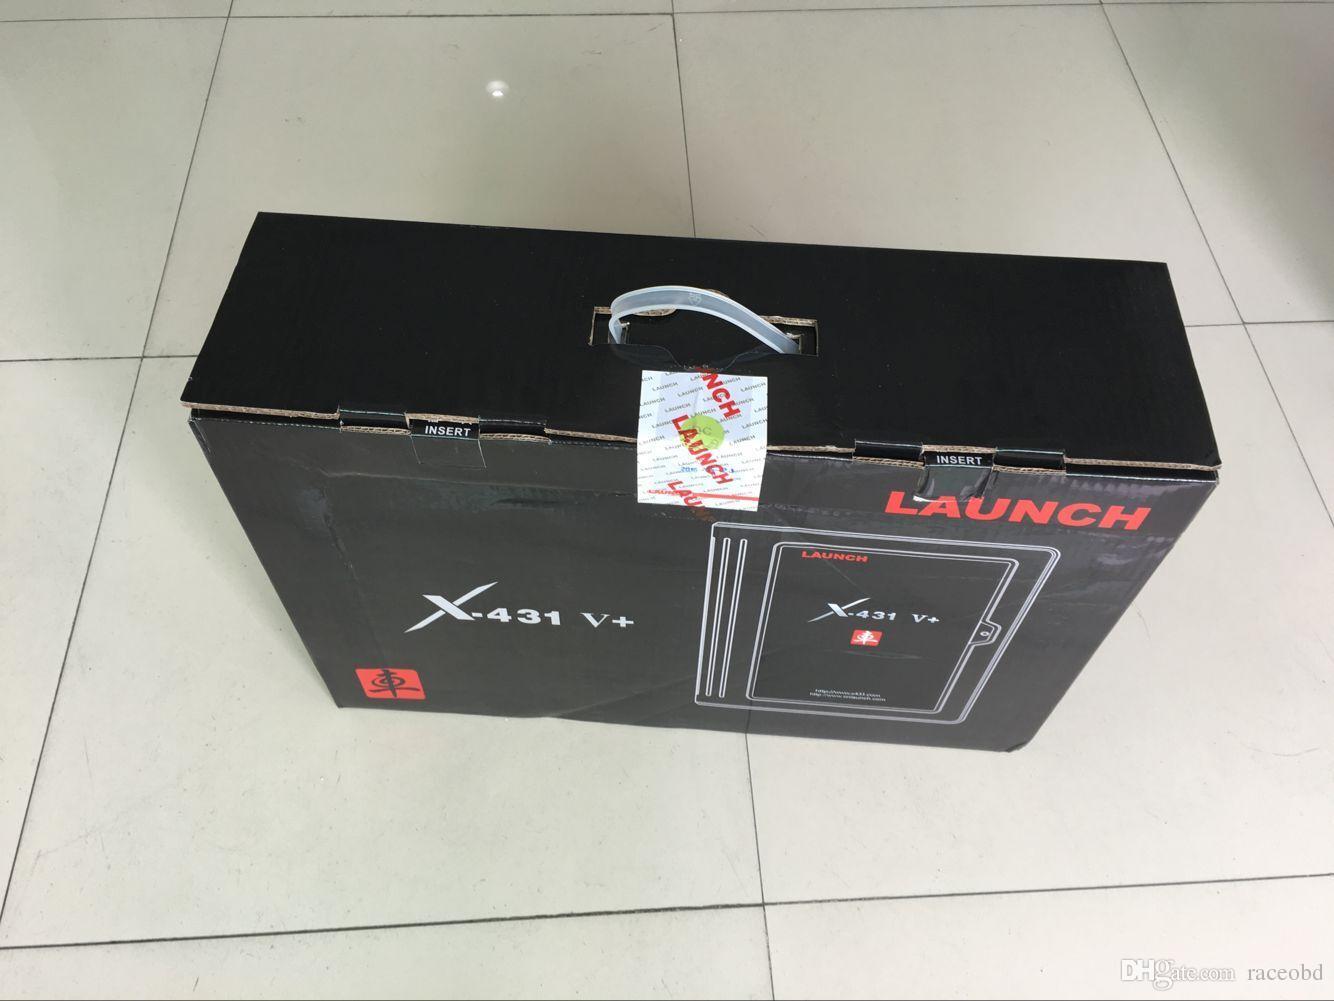 100 % 오리지널 시작 X431 V + plus 전체 시스템 자동 스캐너 X431 V PLUS 온라인 업데이트 무료 배송 2 년 보증